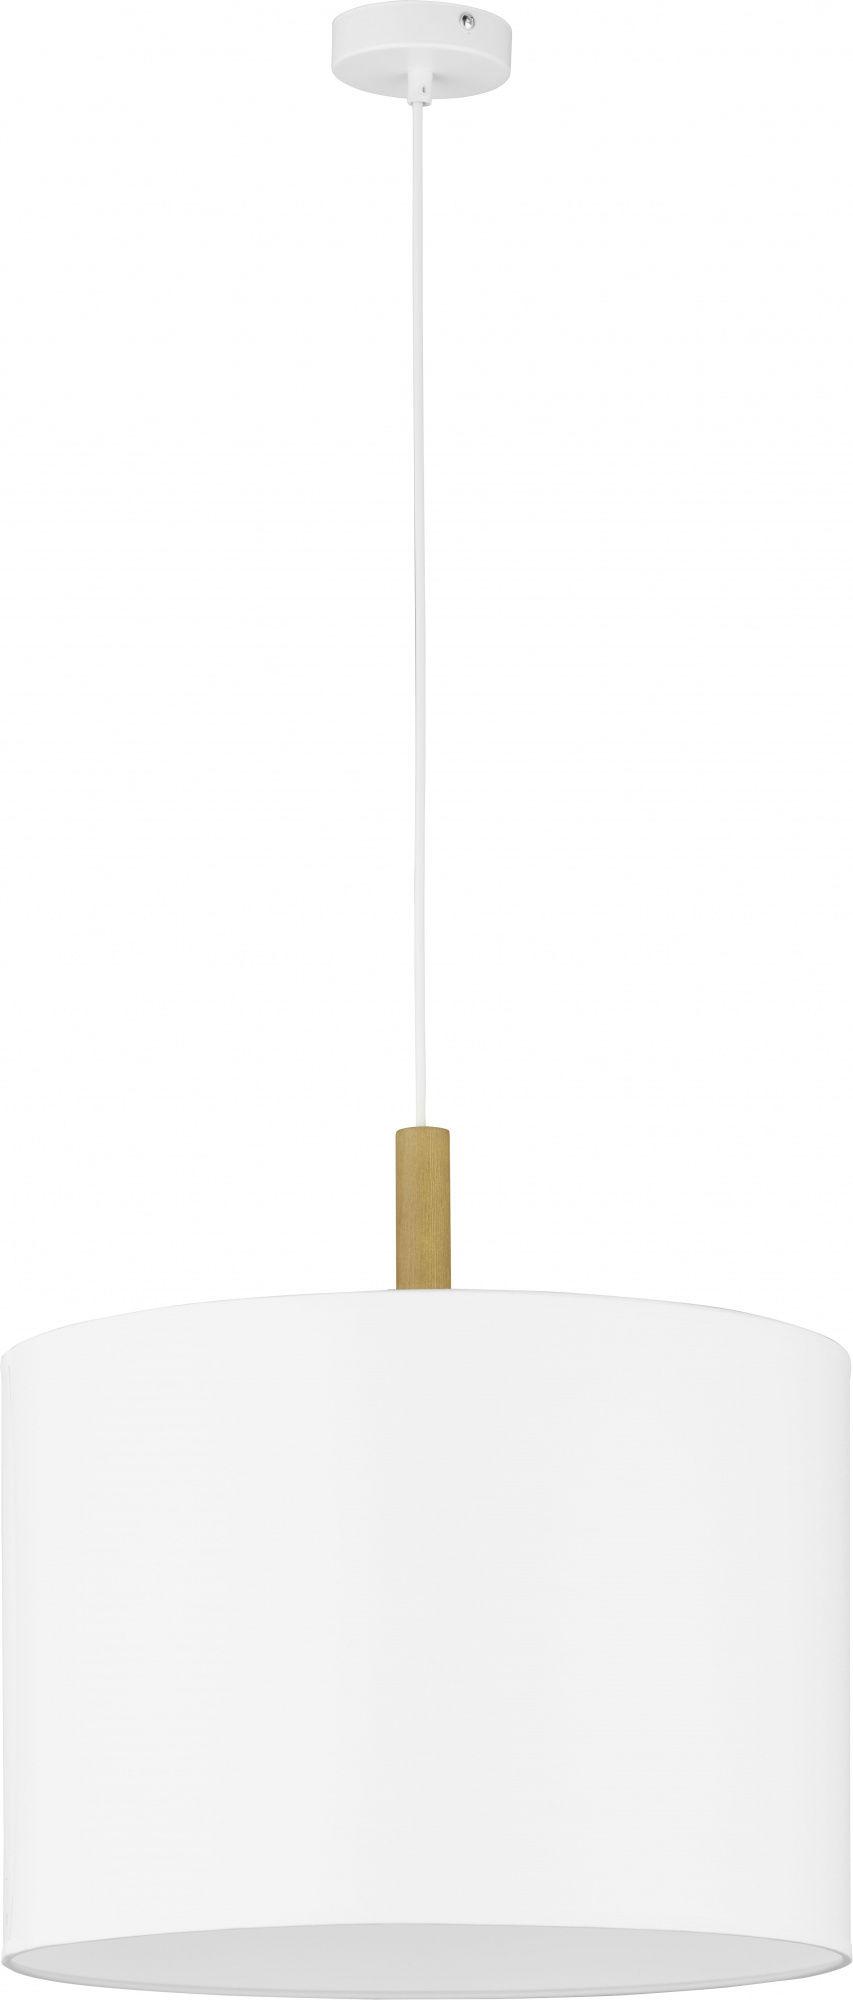 Lampa wisząca Deva 4107 TK Lighting nowoczesna oprawa w kolorze białym